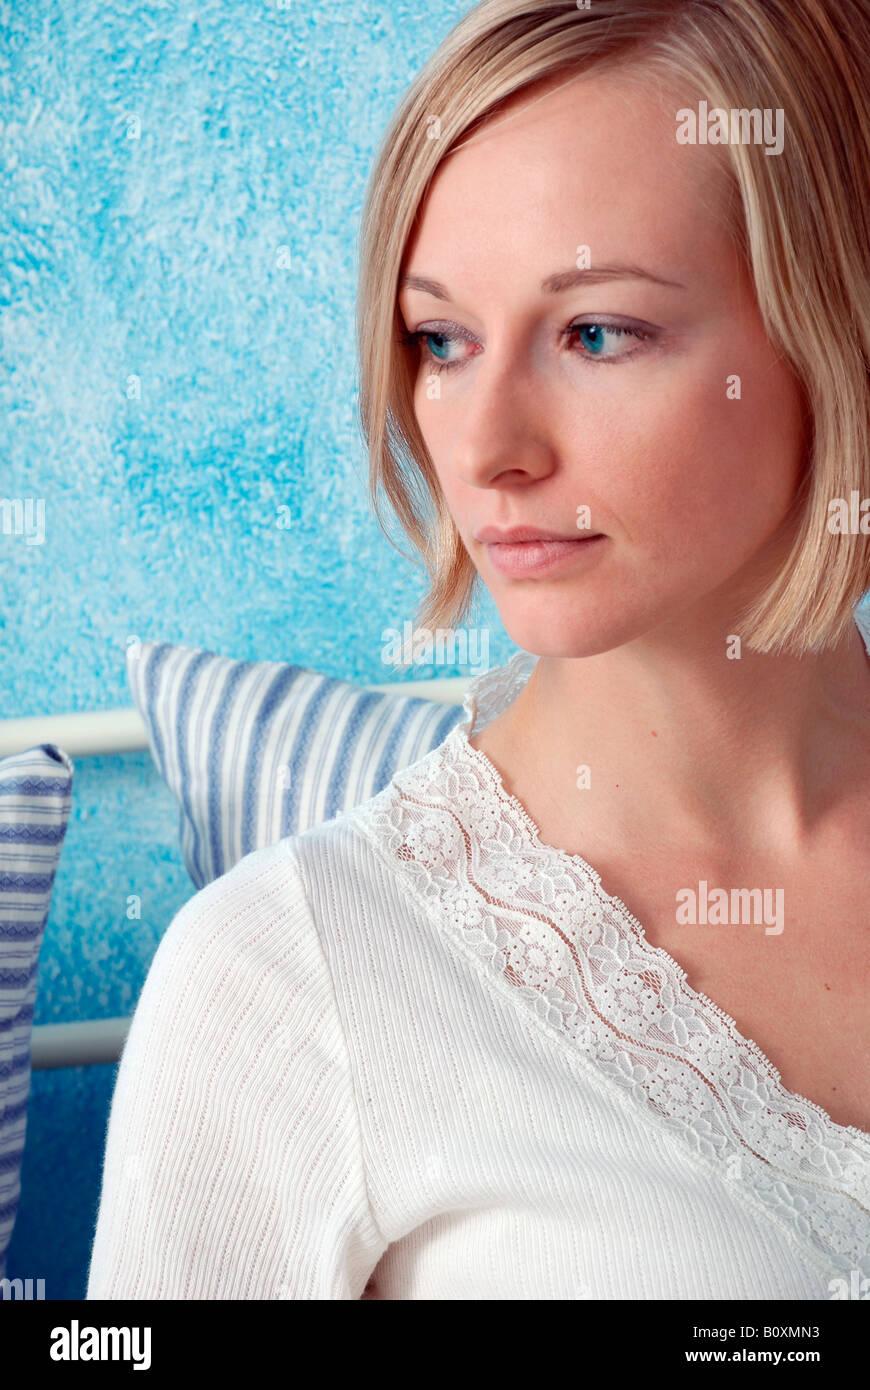 Donna bionda, ritratto Immagini Stock